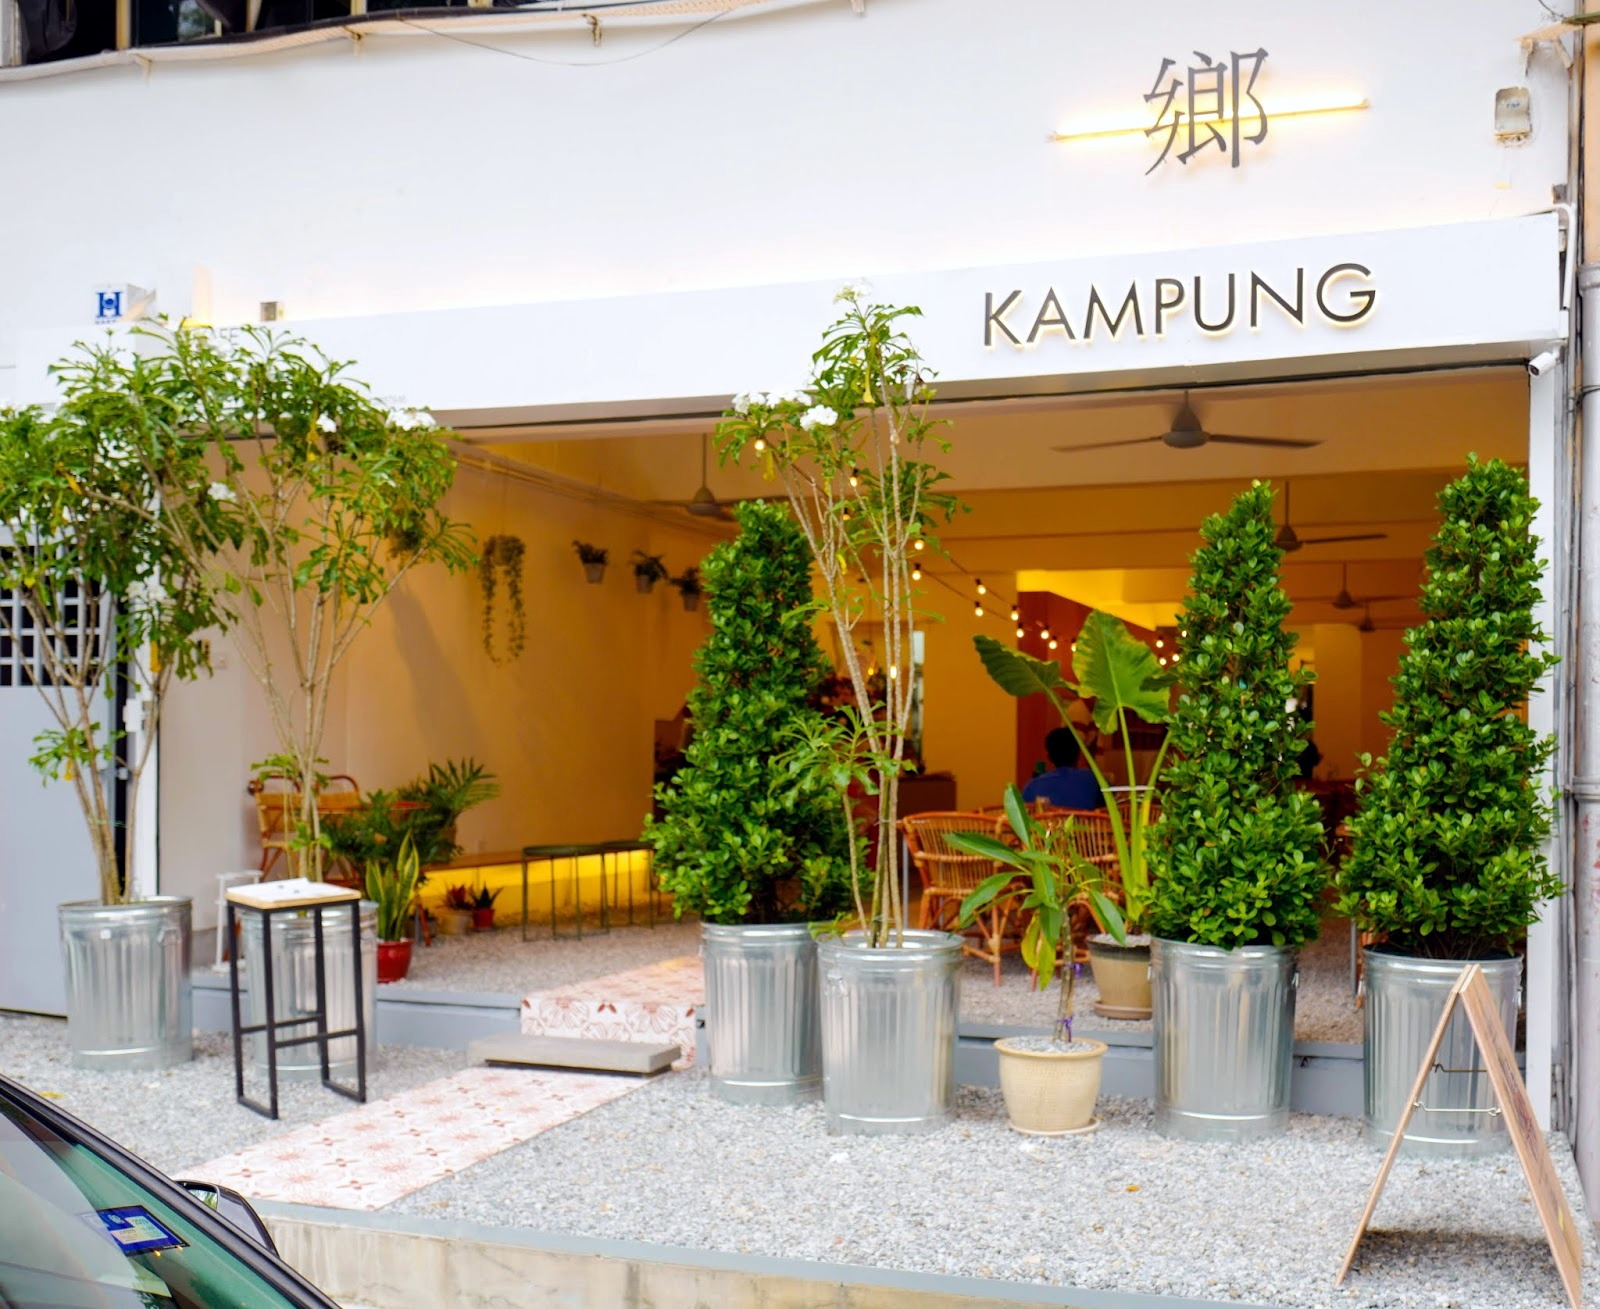 Kampung Contemporary Dining, Petaling Jaya